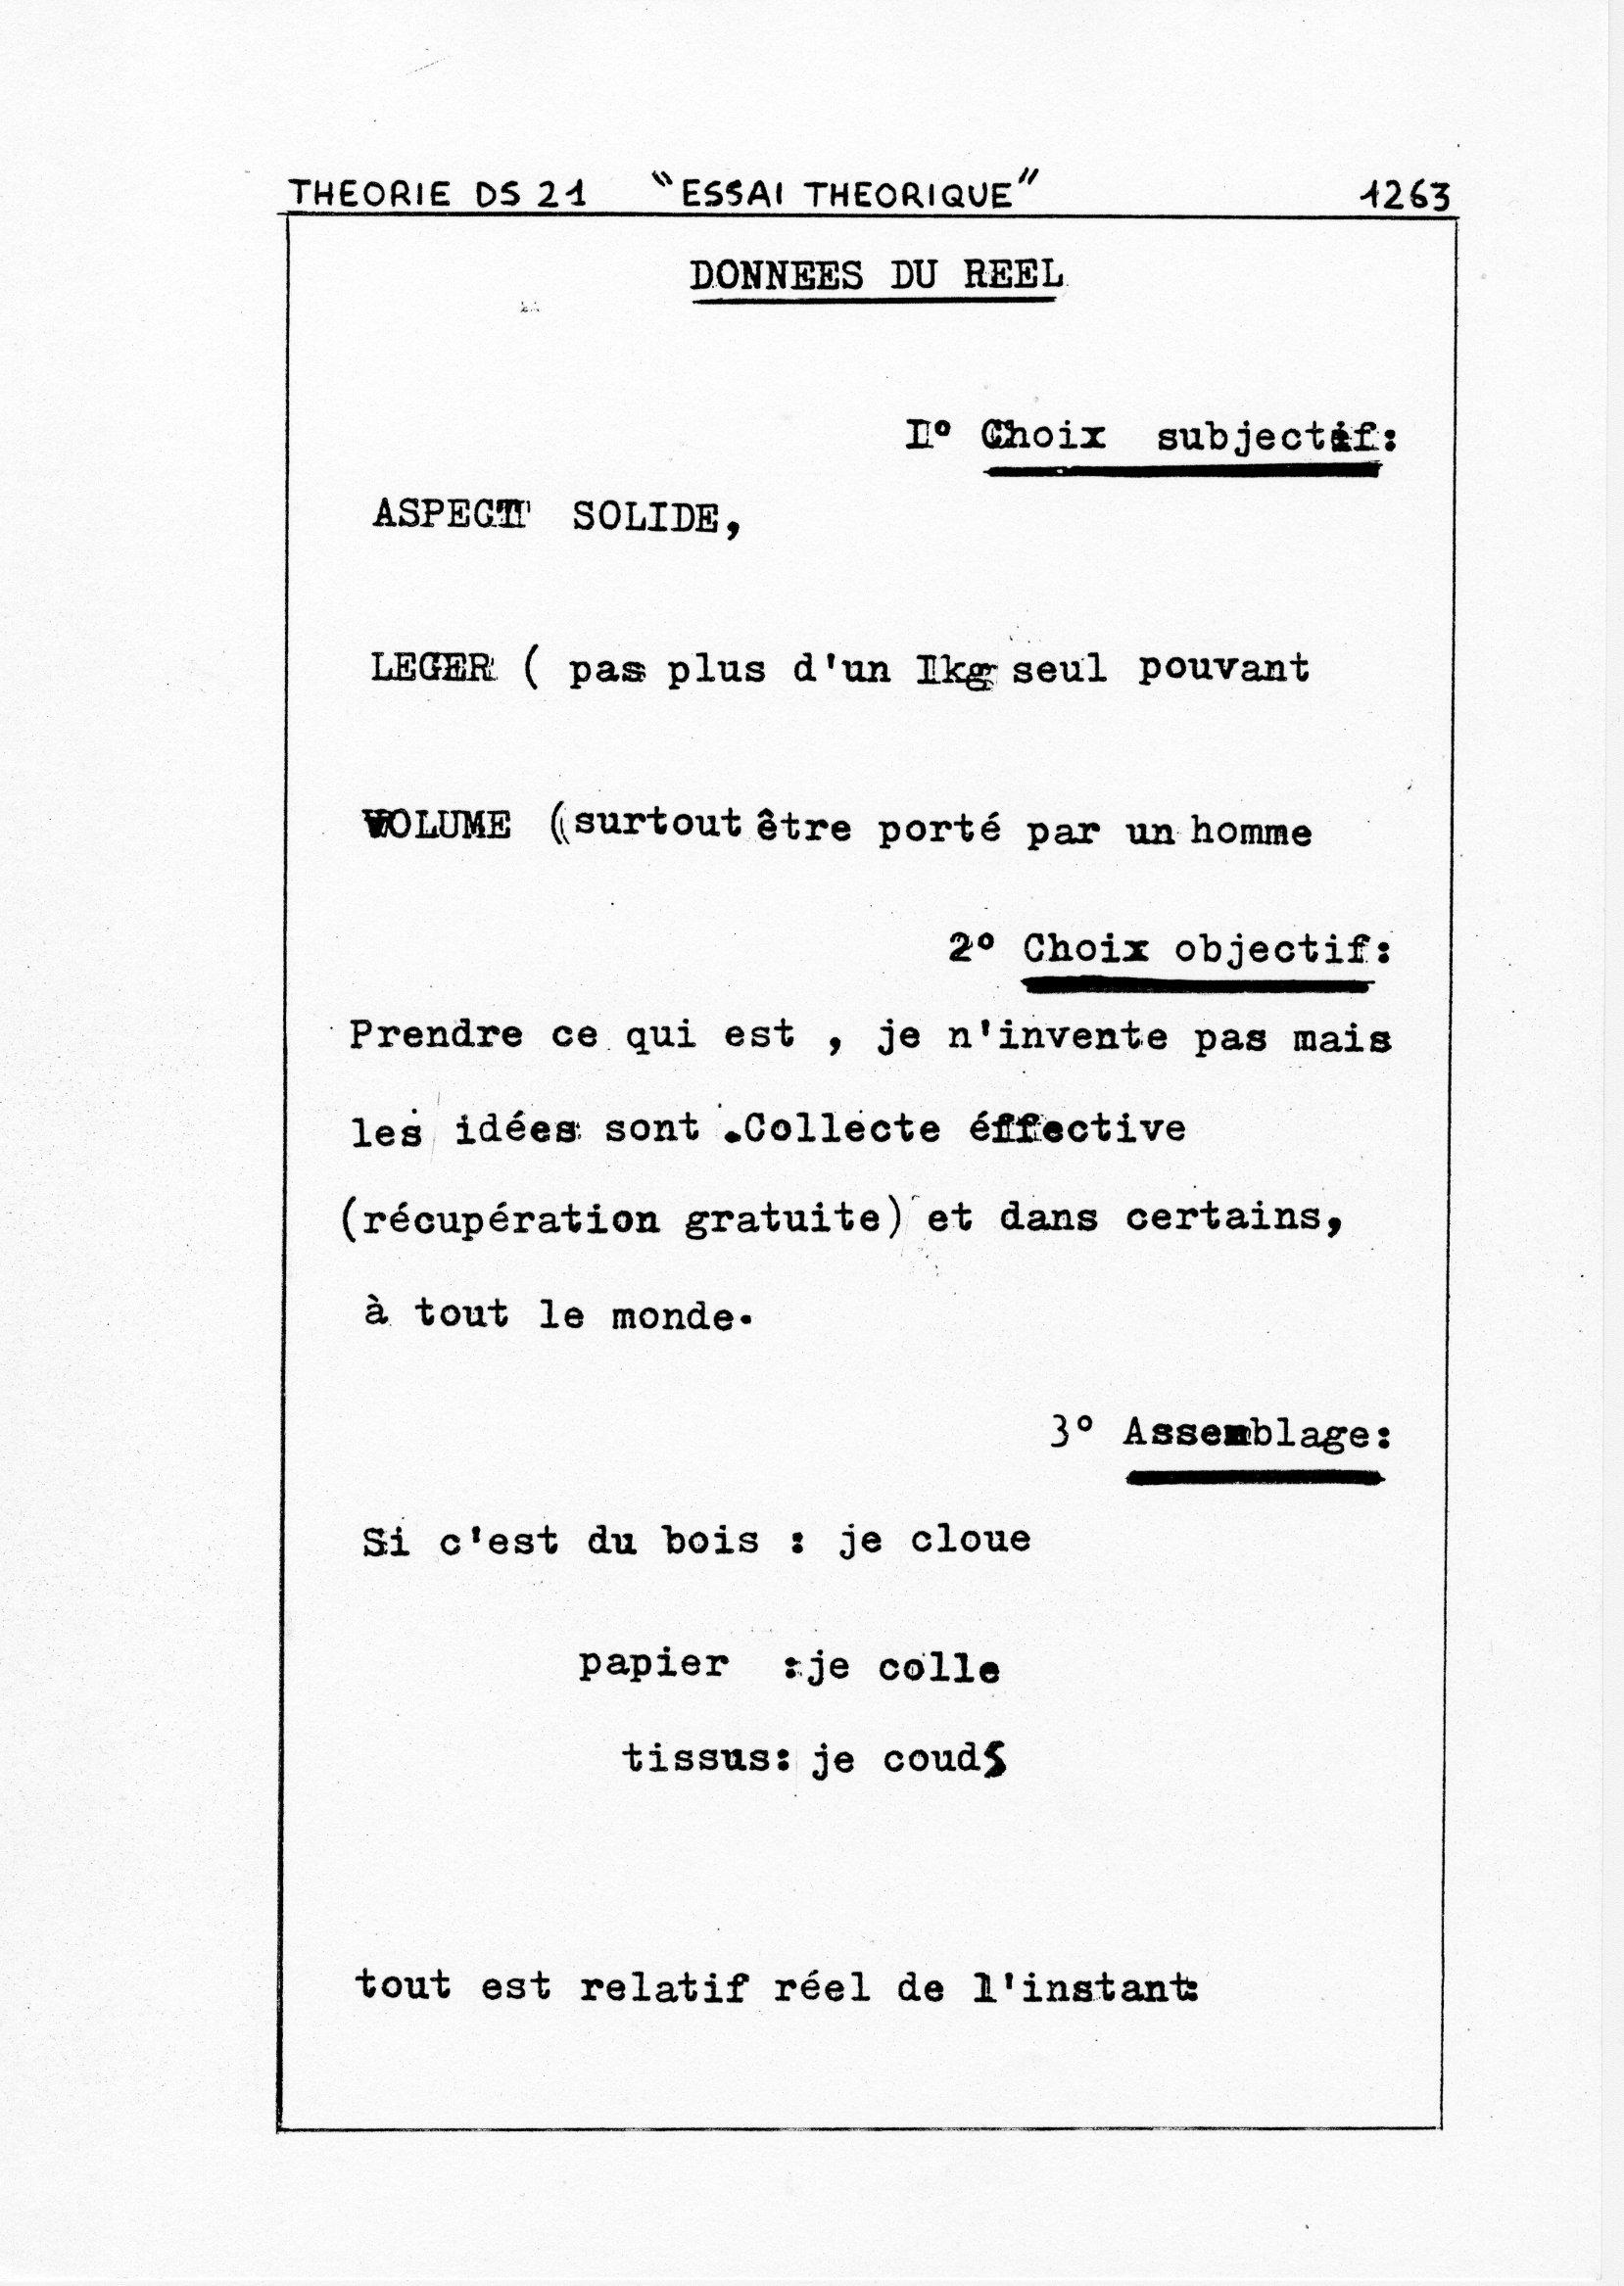 page 1263 Théorie D.S. 21 ESSAI THEORIQUE